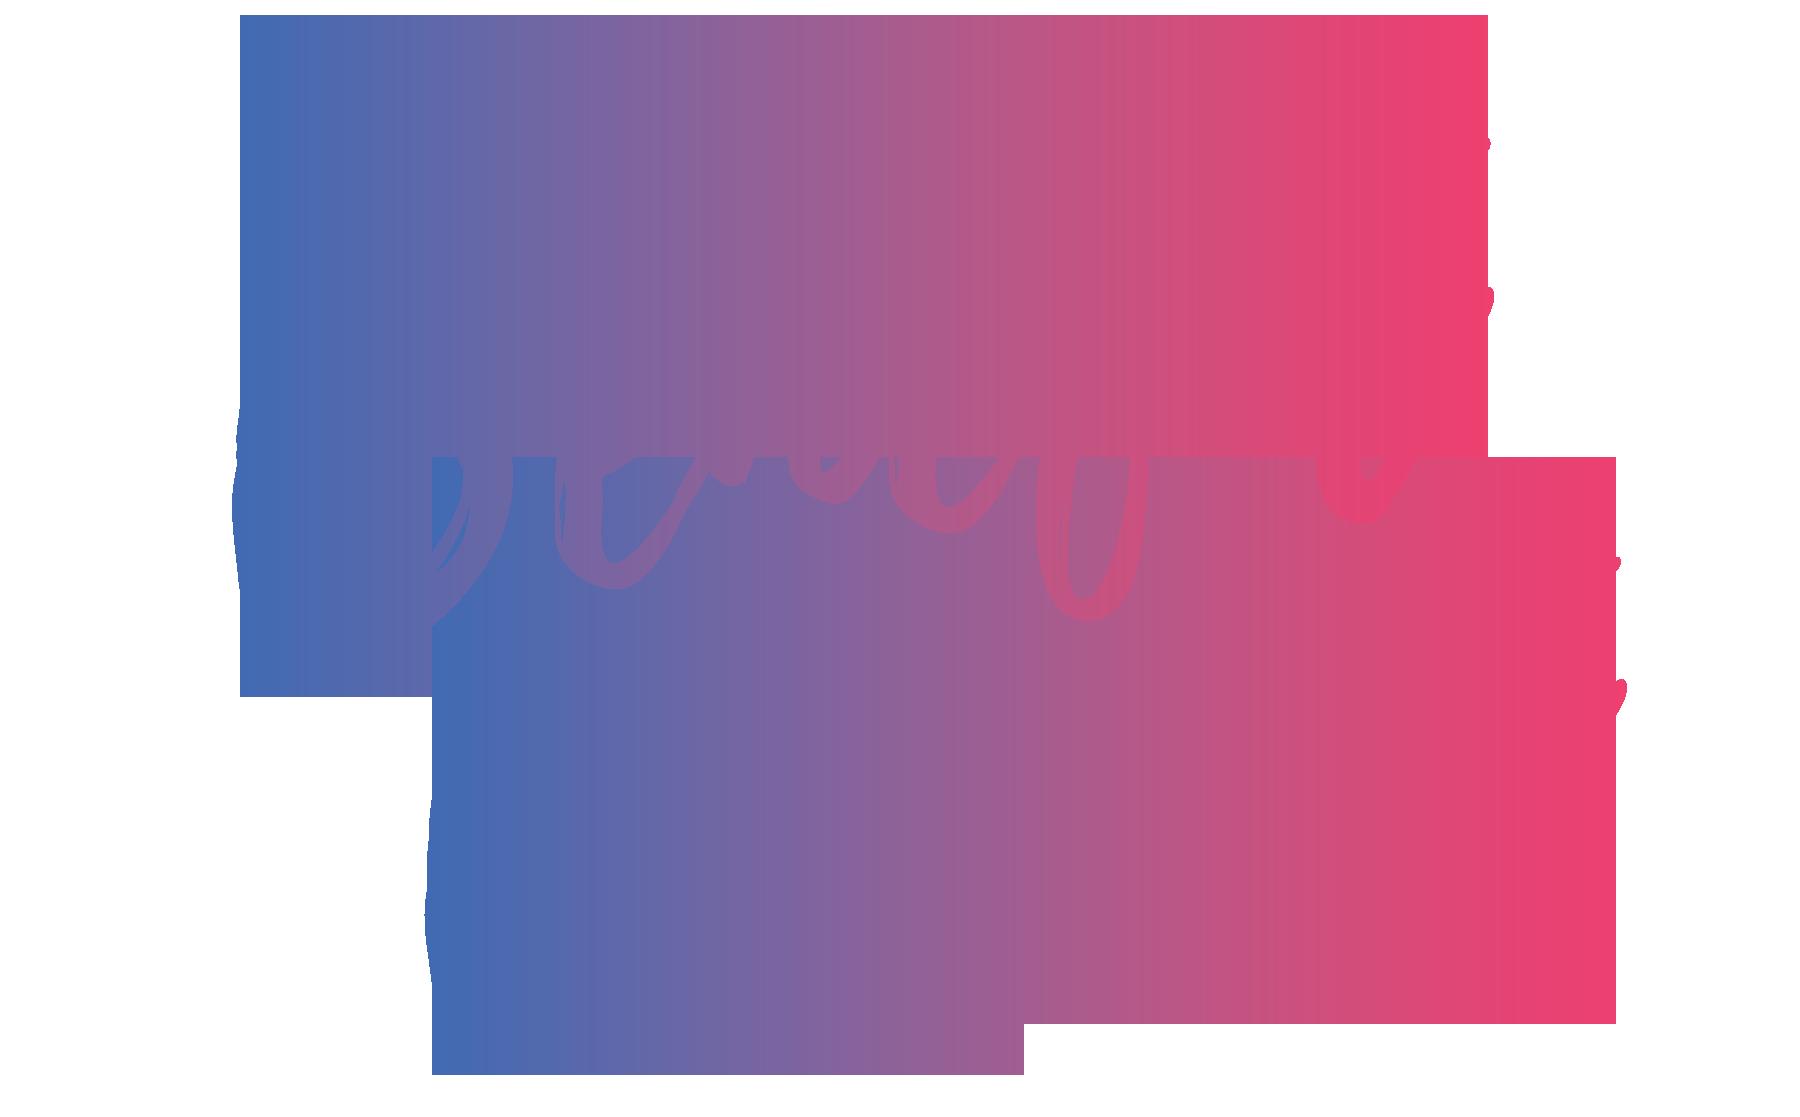 Benefit Banquet NHRTL